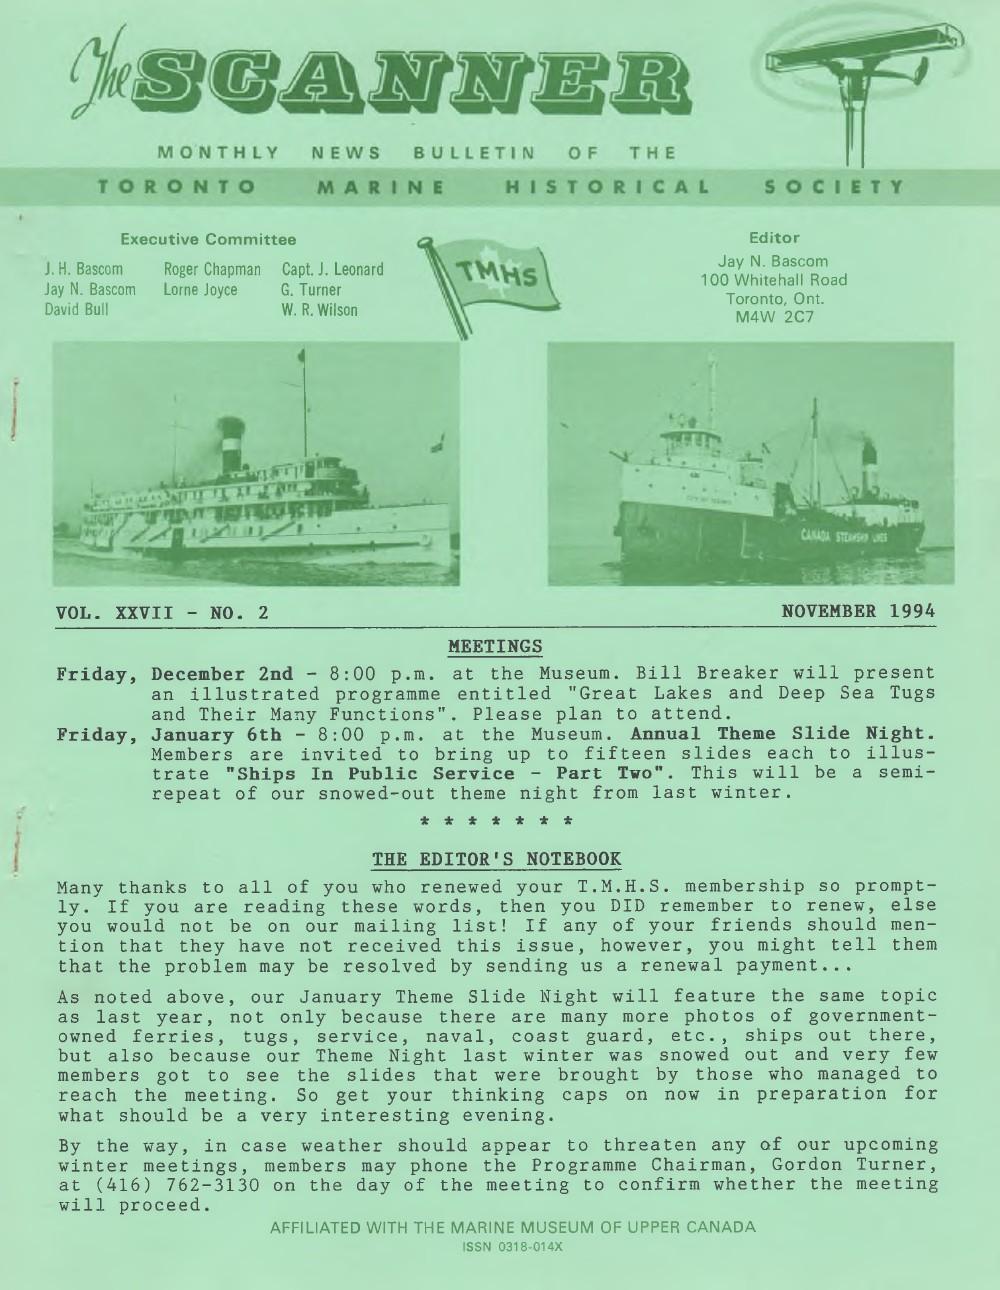 Scanner, v. 27, no. 2 (November 1994)